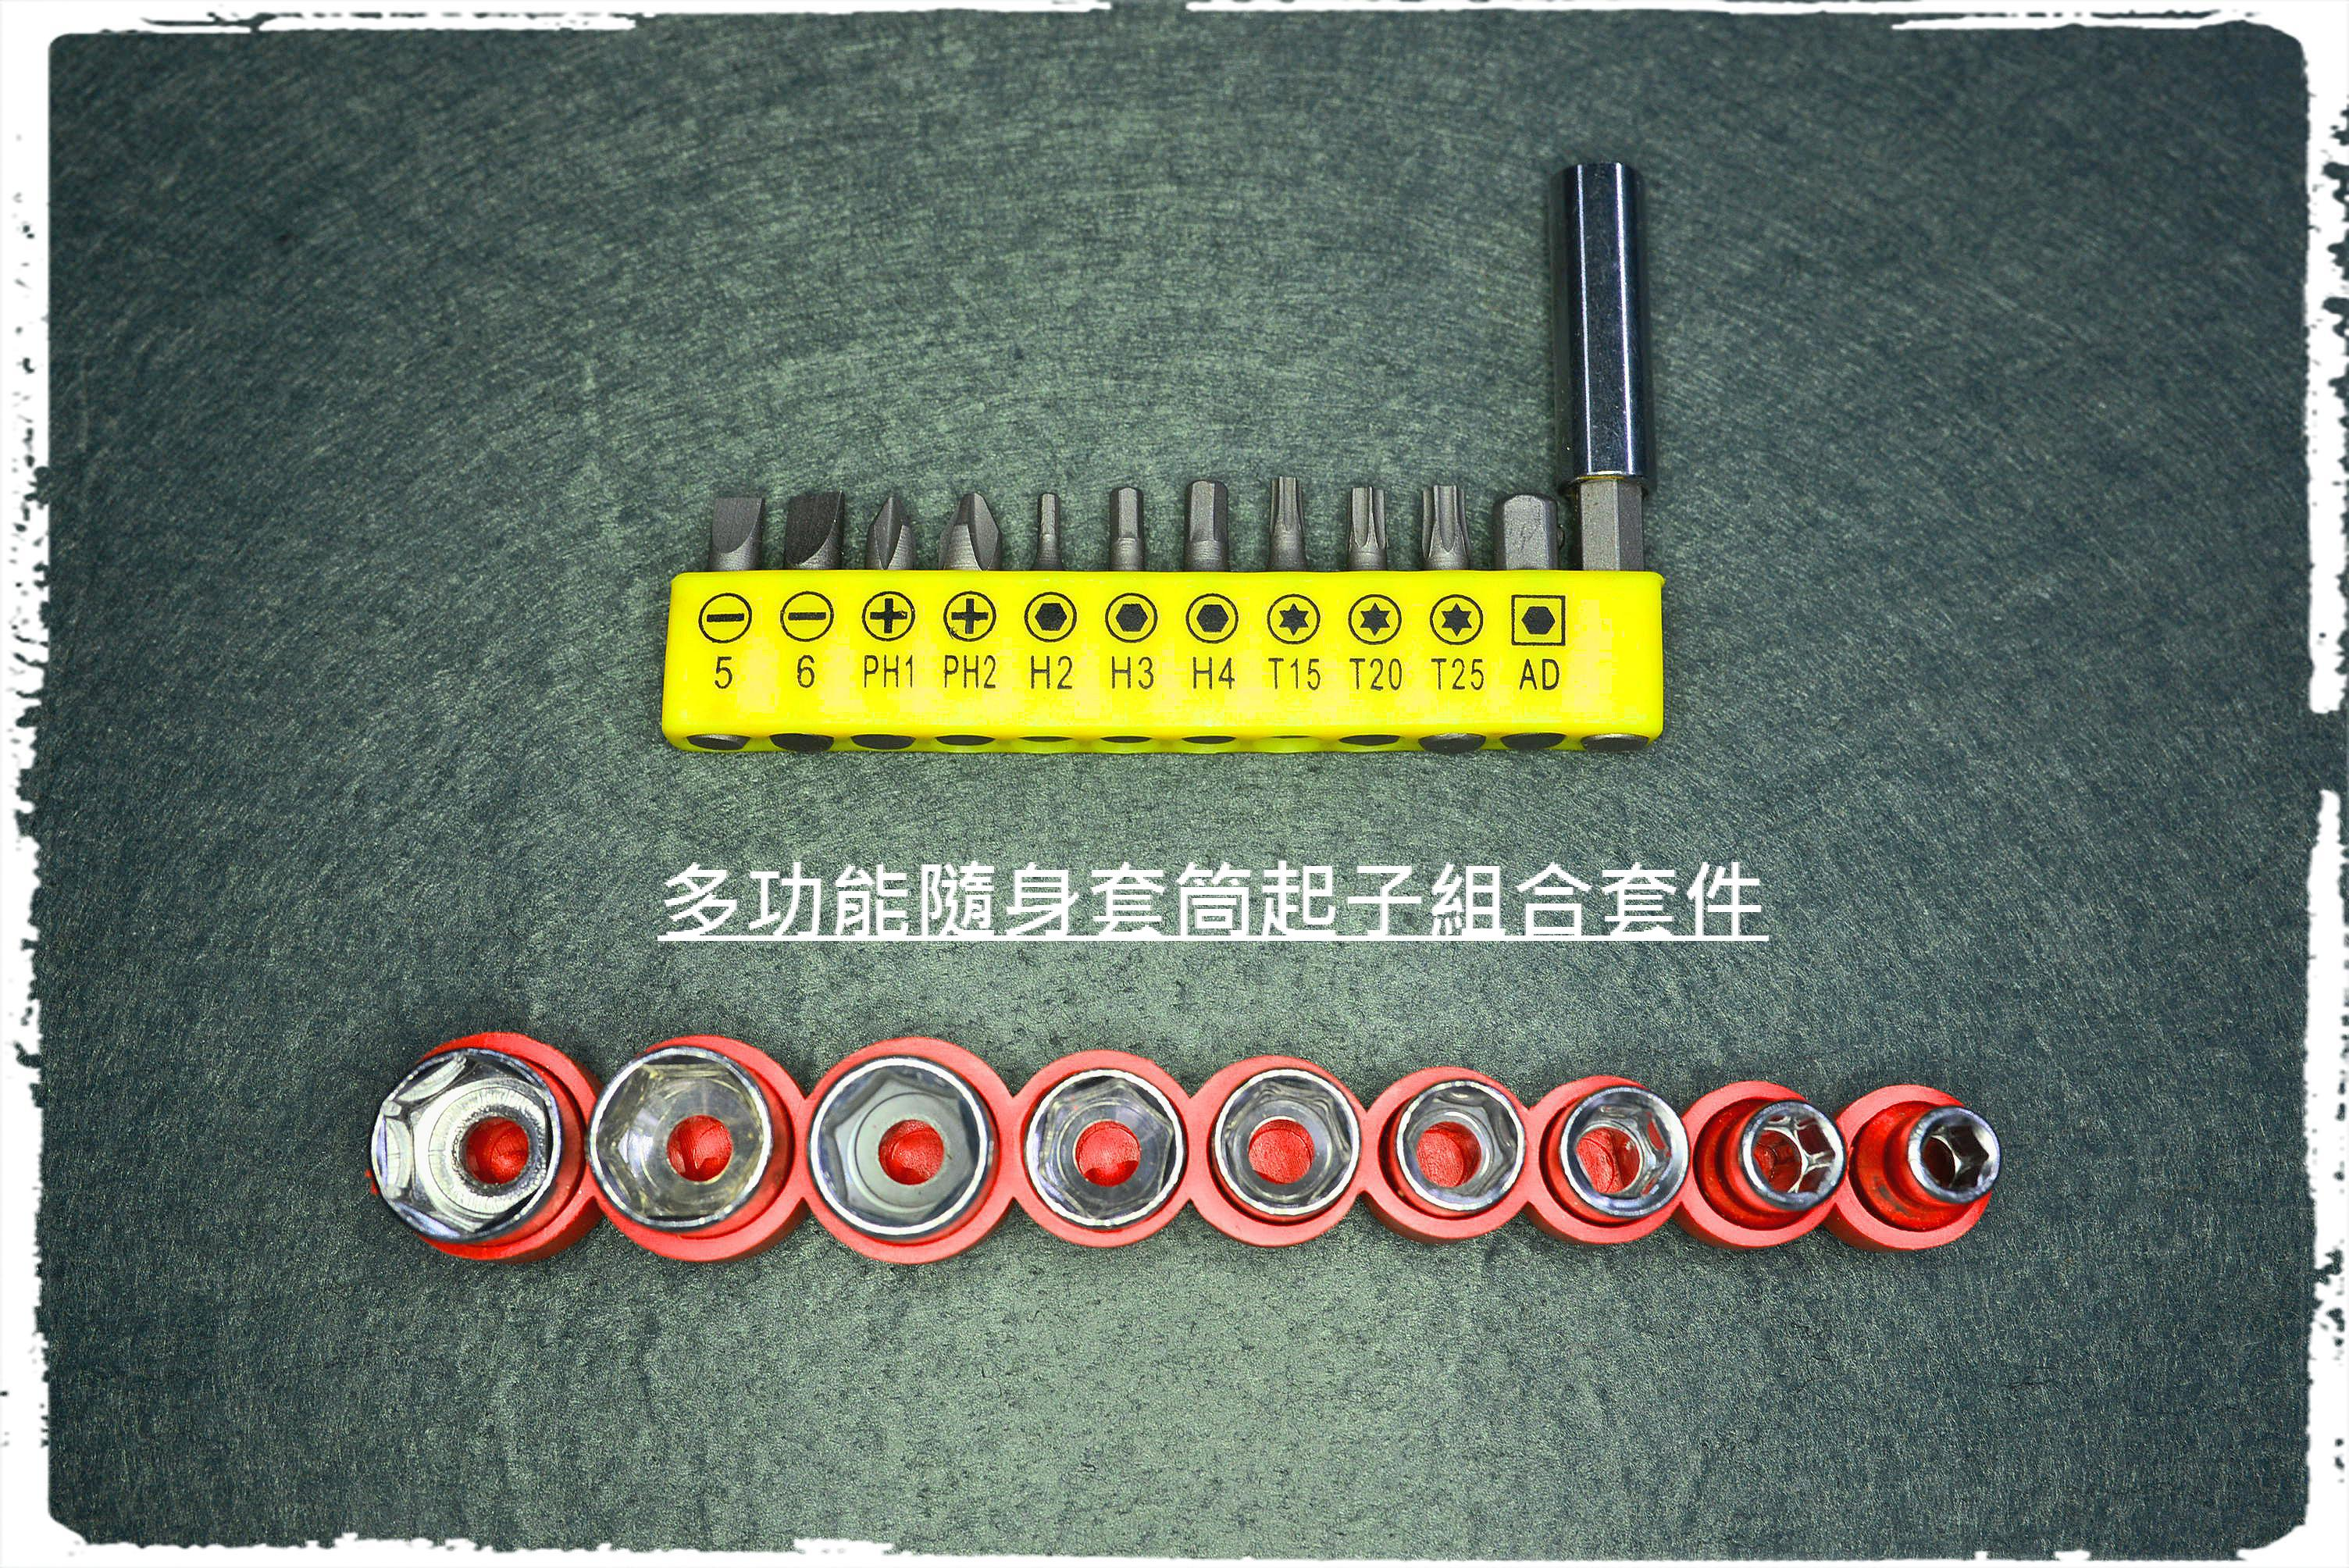 多功能隨身套筒起子組合 迷你便攜 電鑽尾 鋰電扳手 氣動起子機 電動刻磨機 手動 棘輪 加長桿 兩分三分 內六角柄 鑽頭